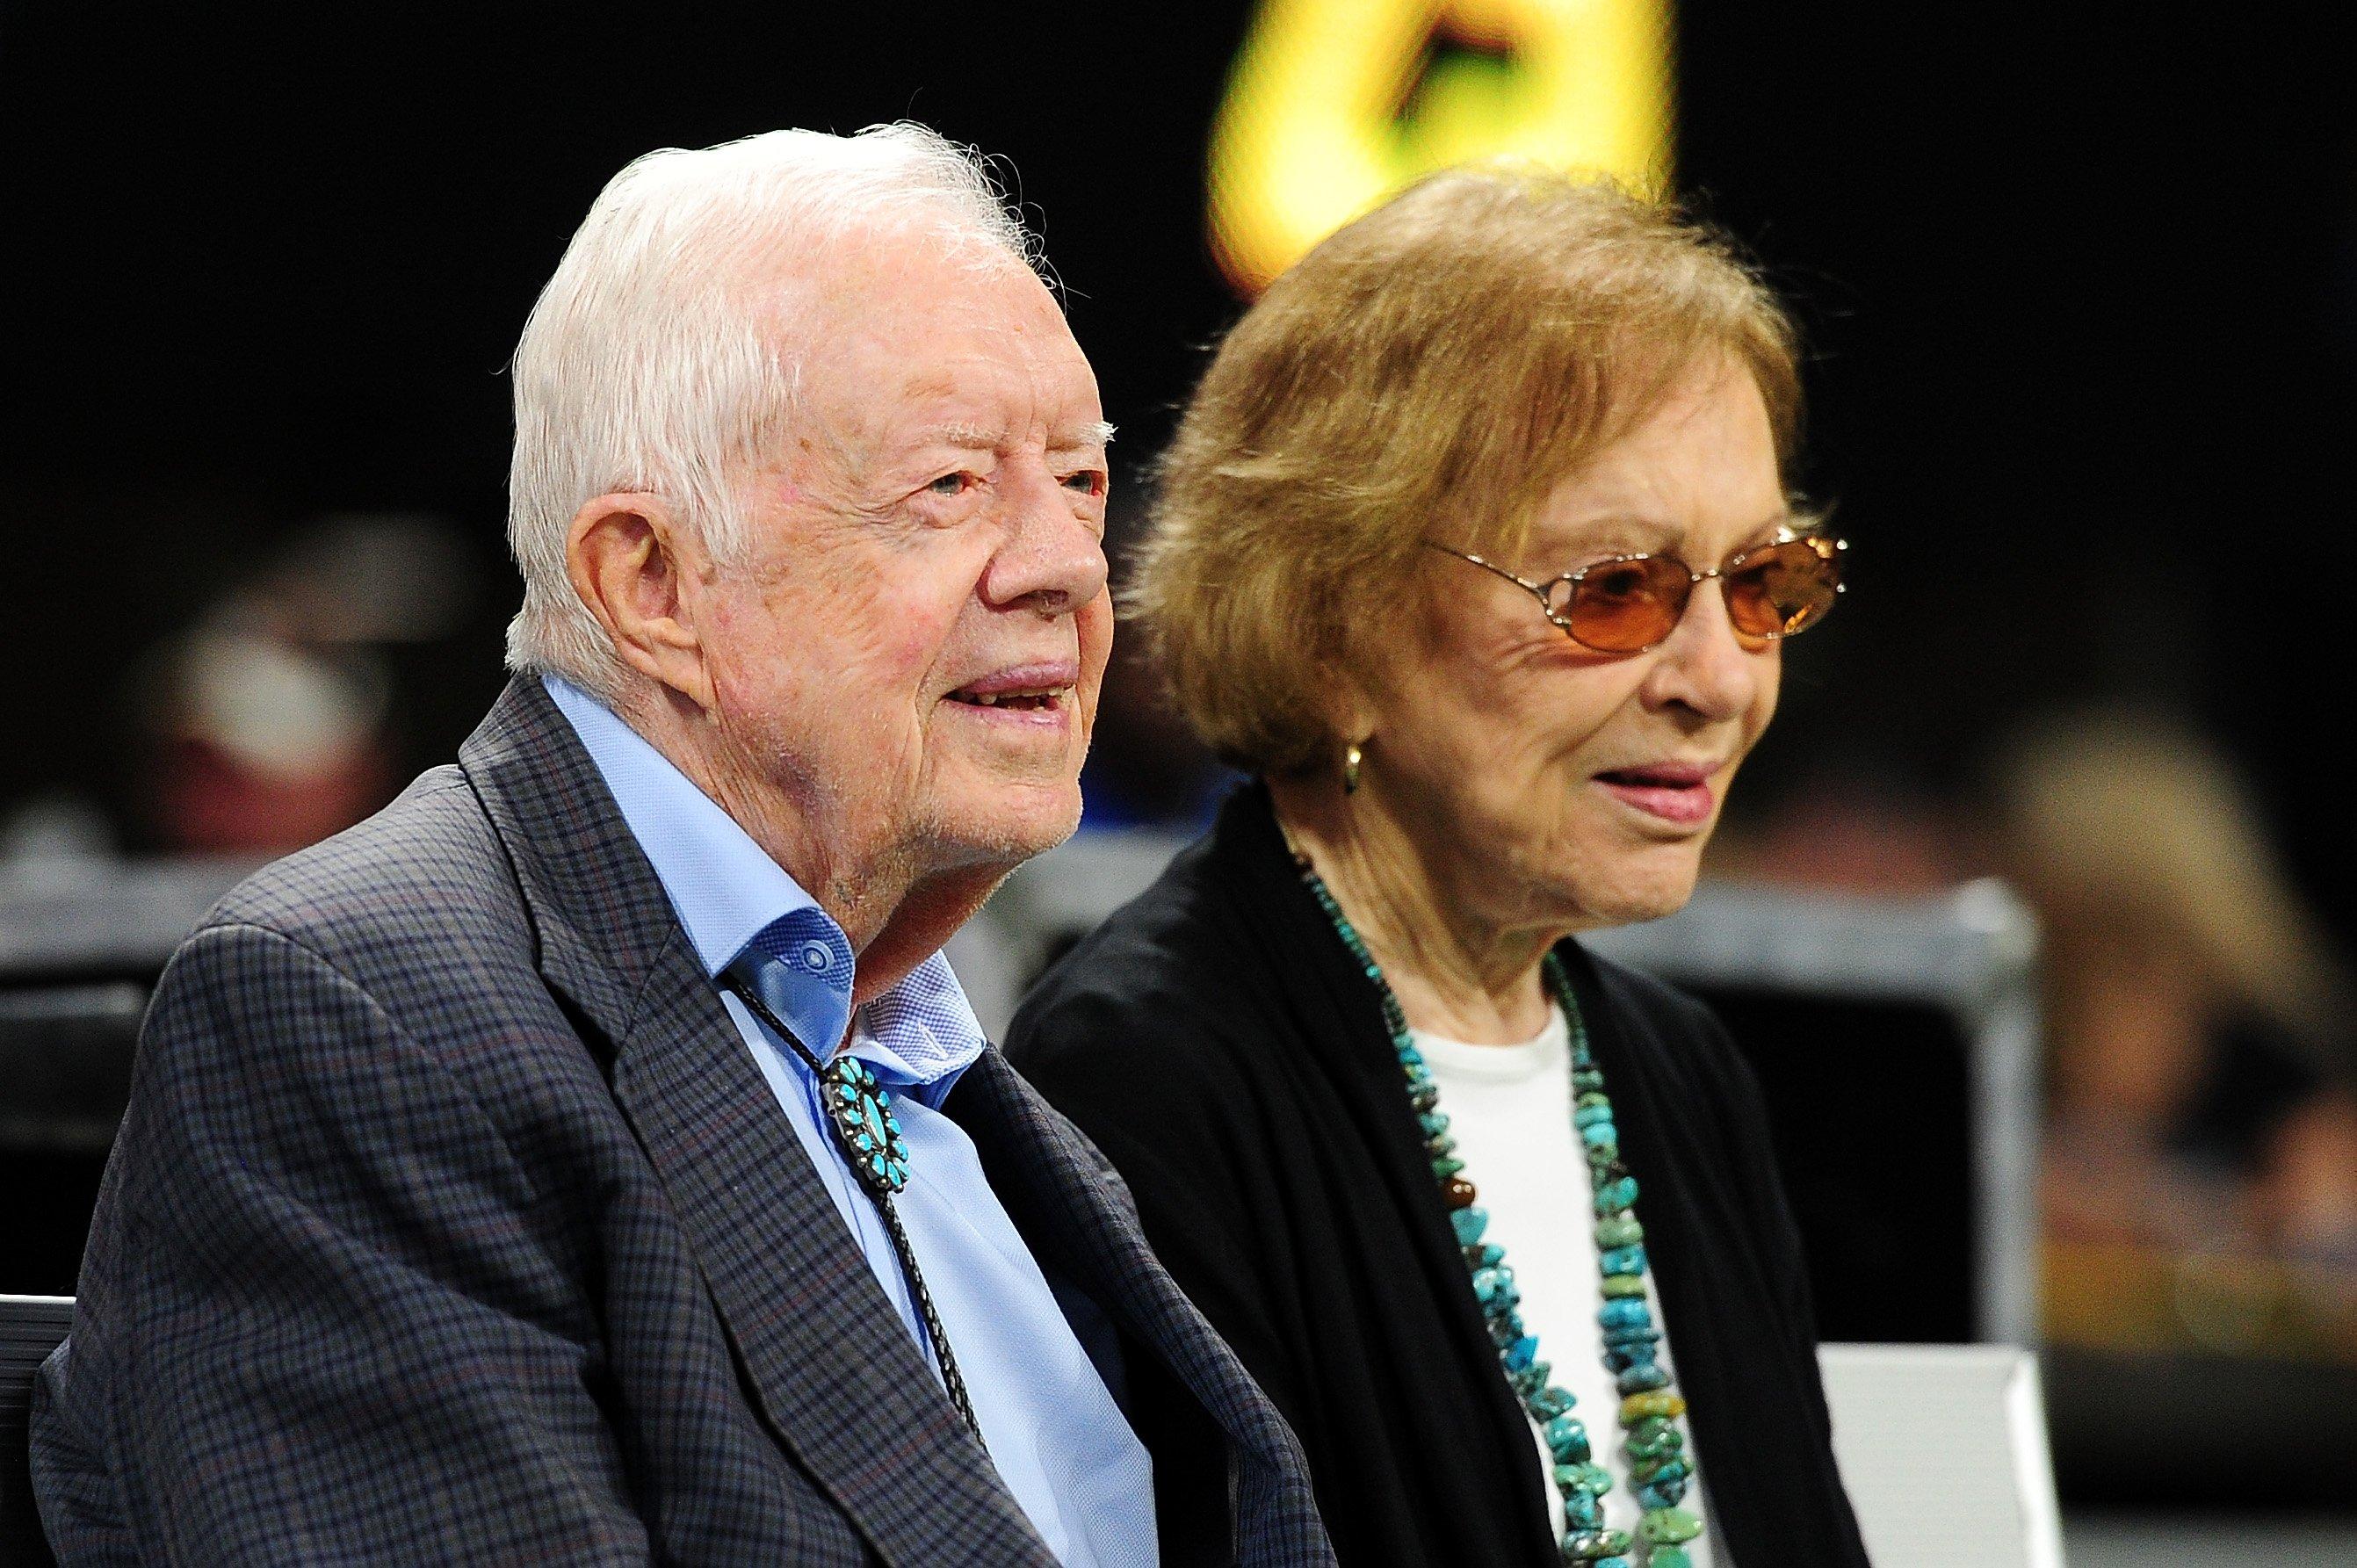 L'ancien président Jimmy Carter et son épouse Rosalynn aux Falcons d'Atlanta et aux Bengals de Cincinnati au stade Mercedes-Benz le 30 septembre 2018 à Atlanta, Géorgie   Photo : Getty Images